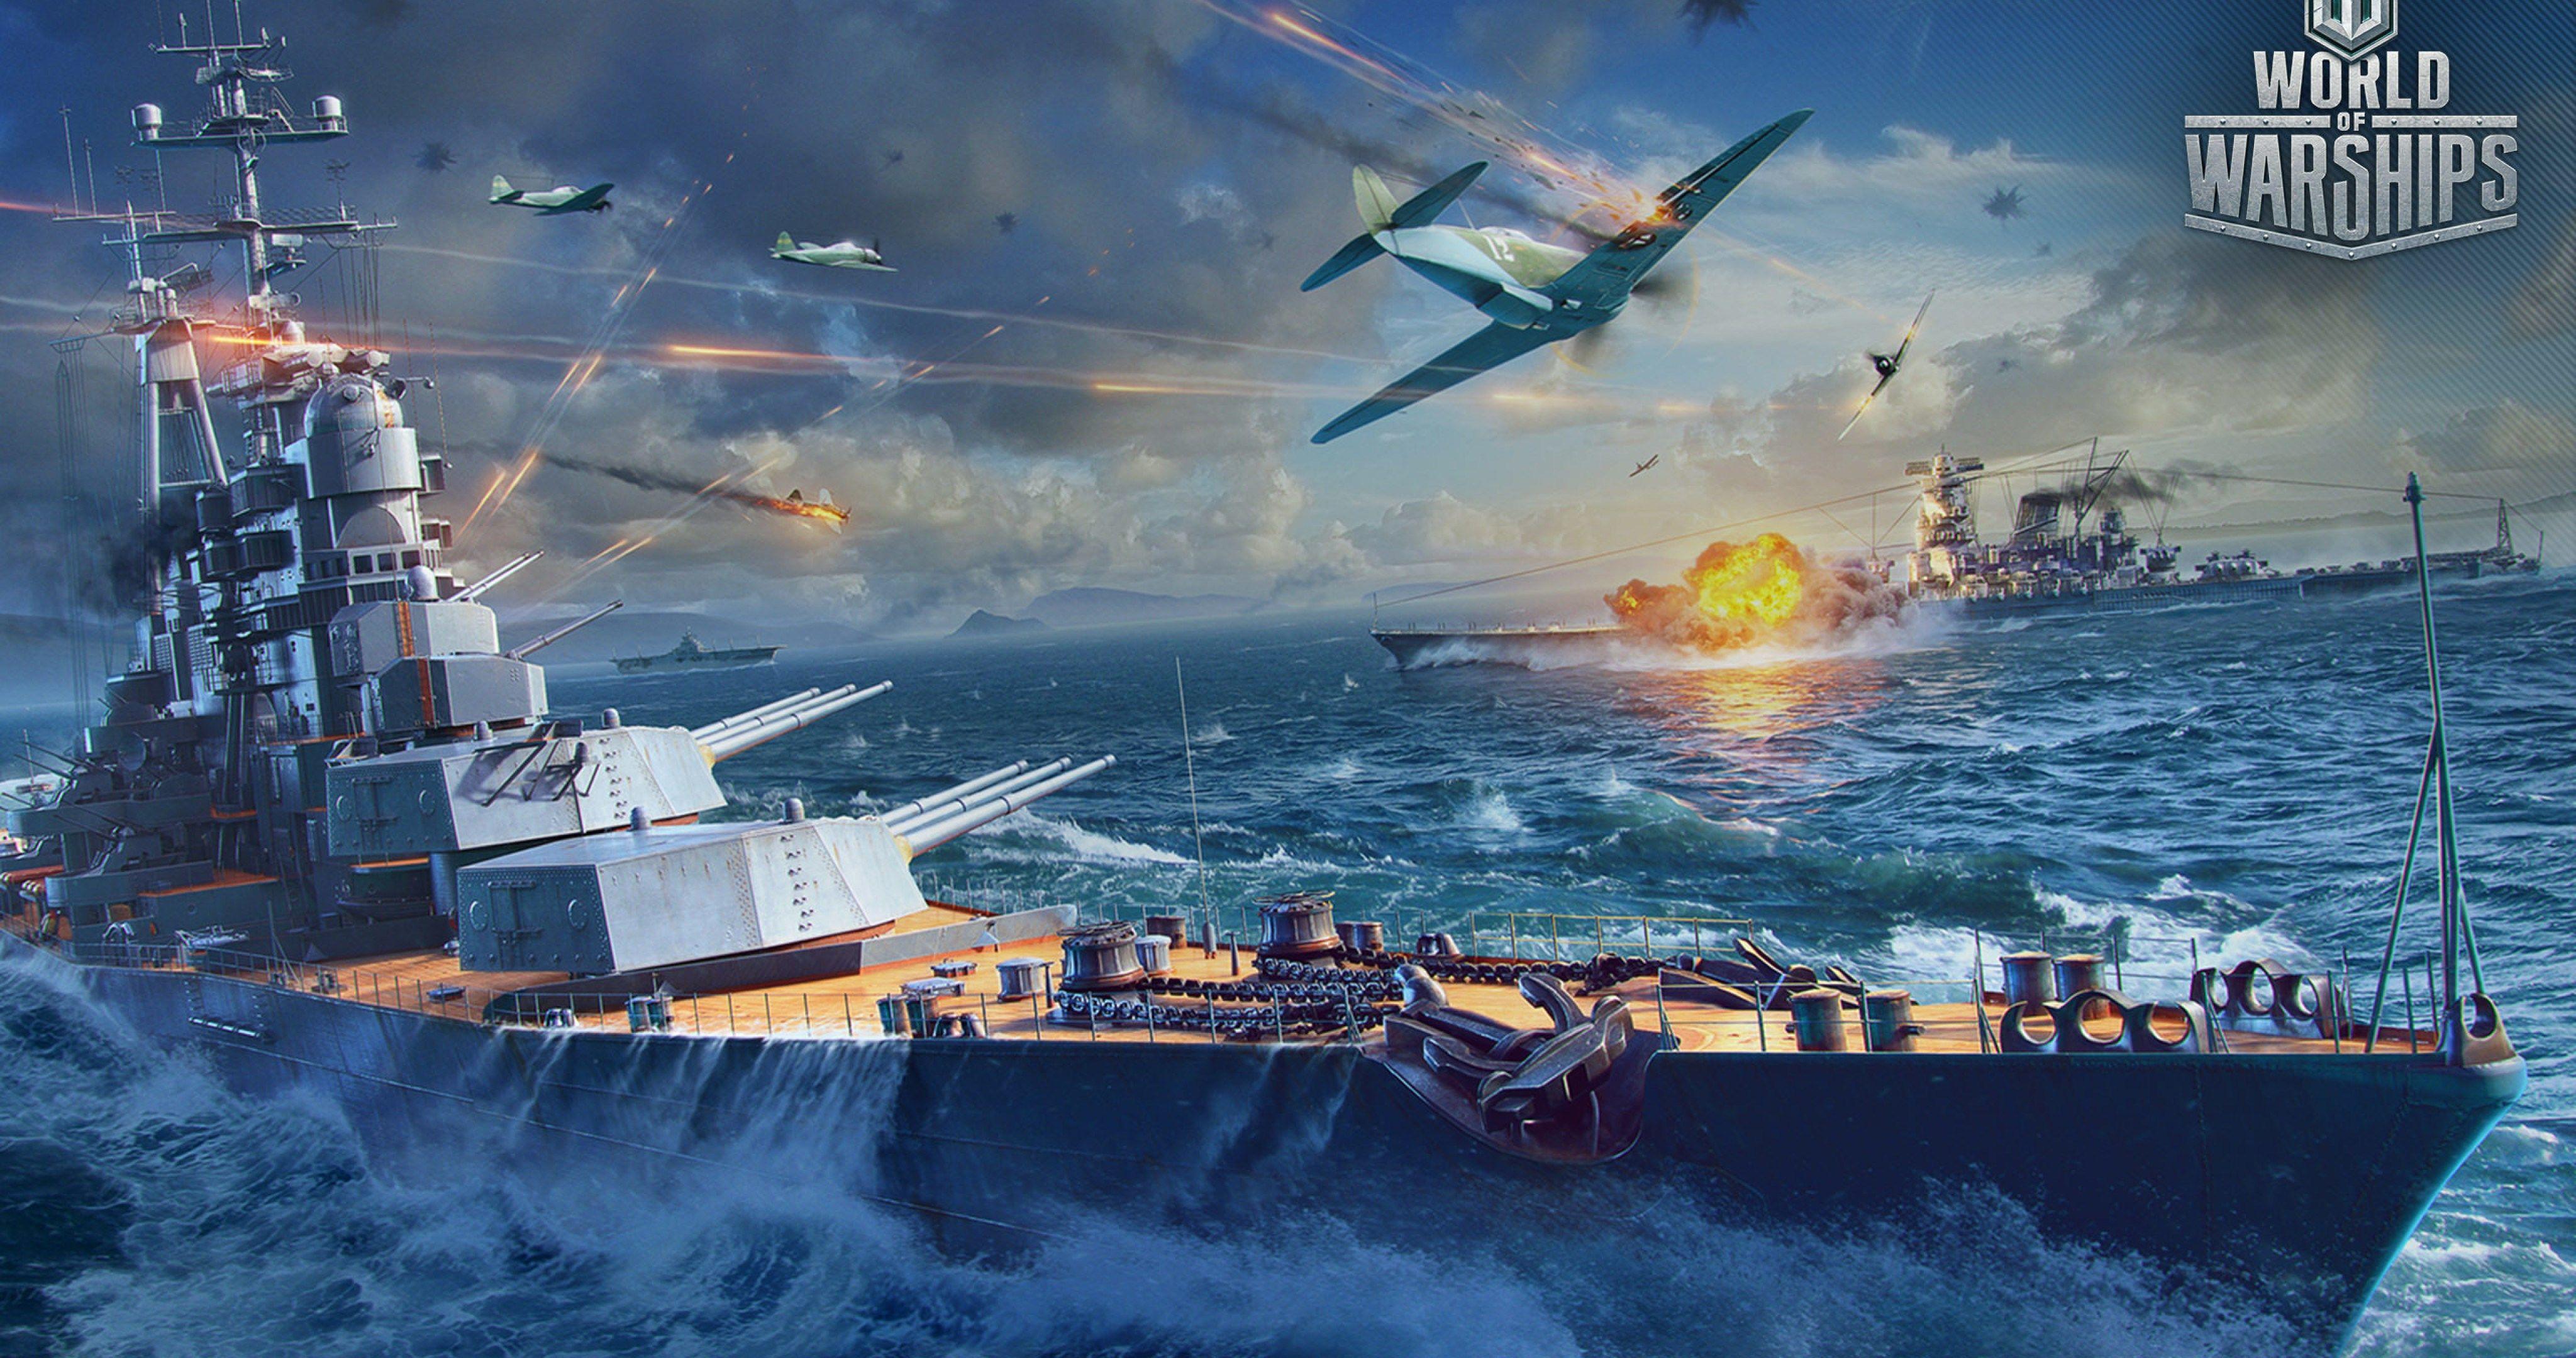 Ussr Battleship Attack 4k Ultra Hd Wallpaper World Of Warships